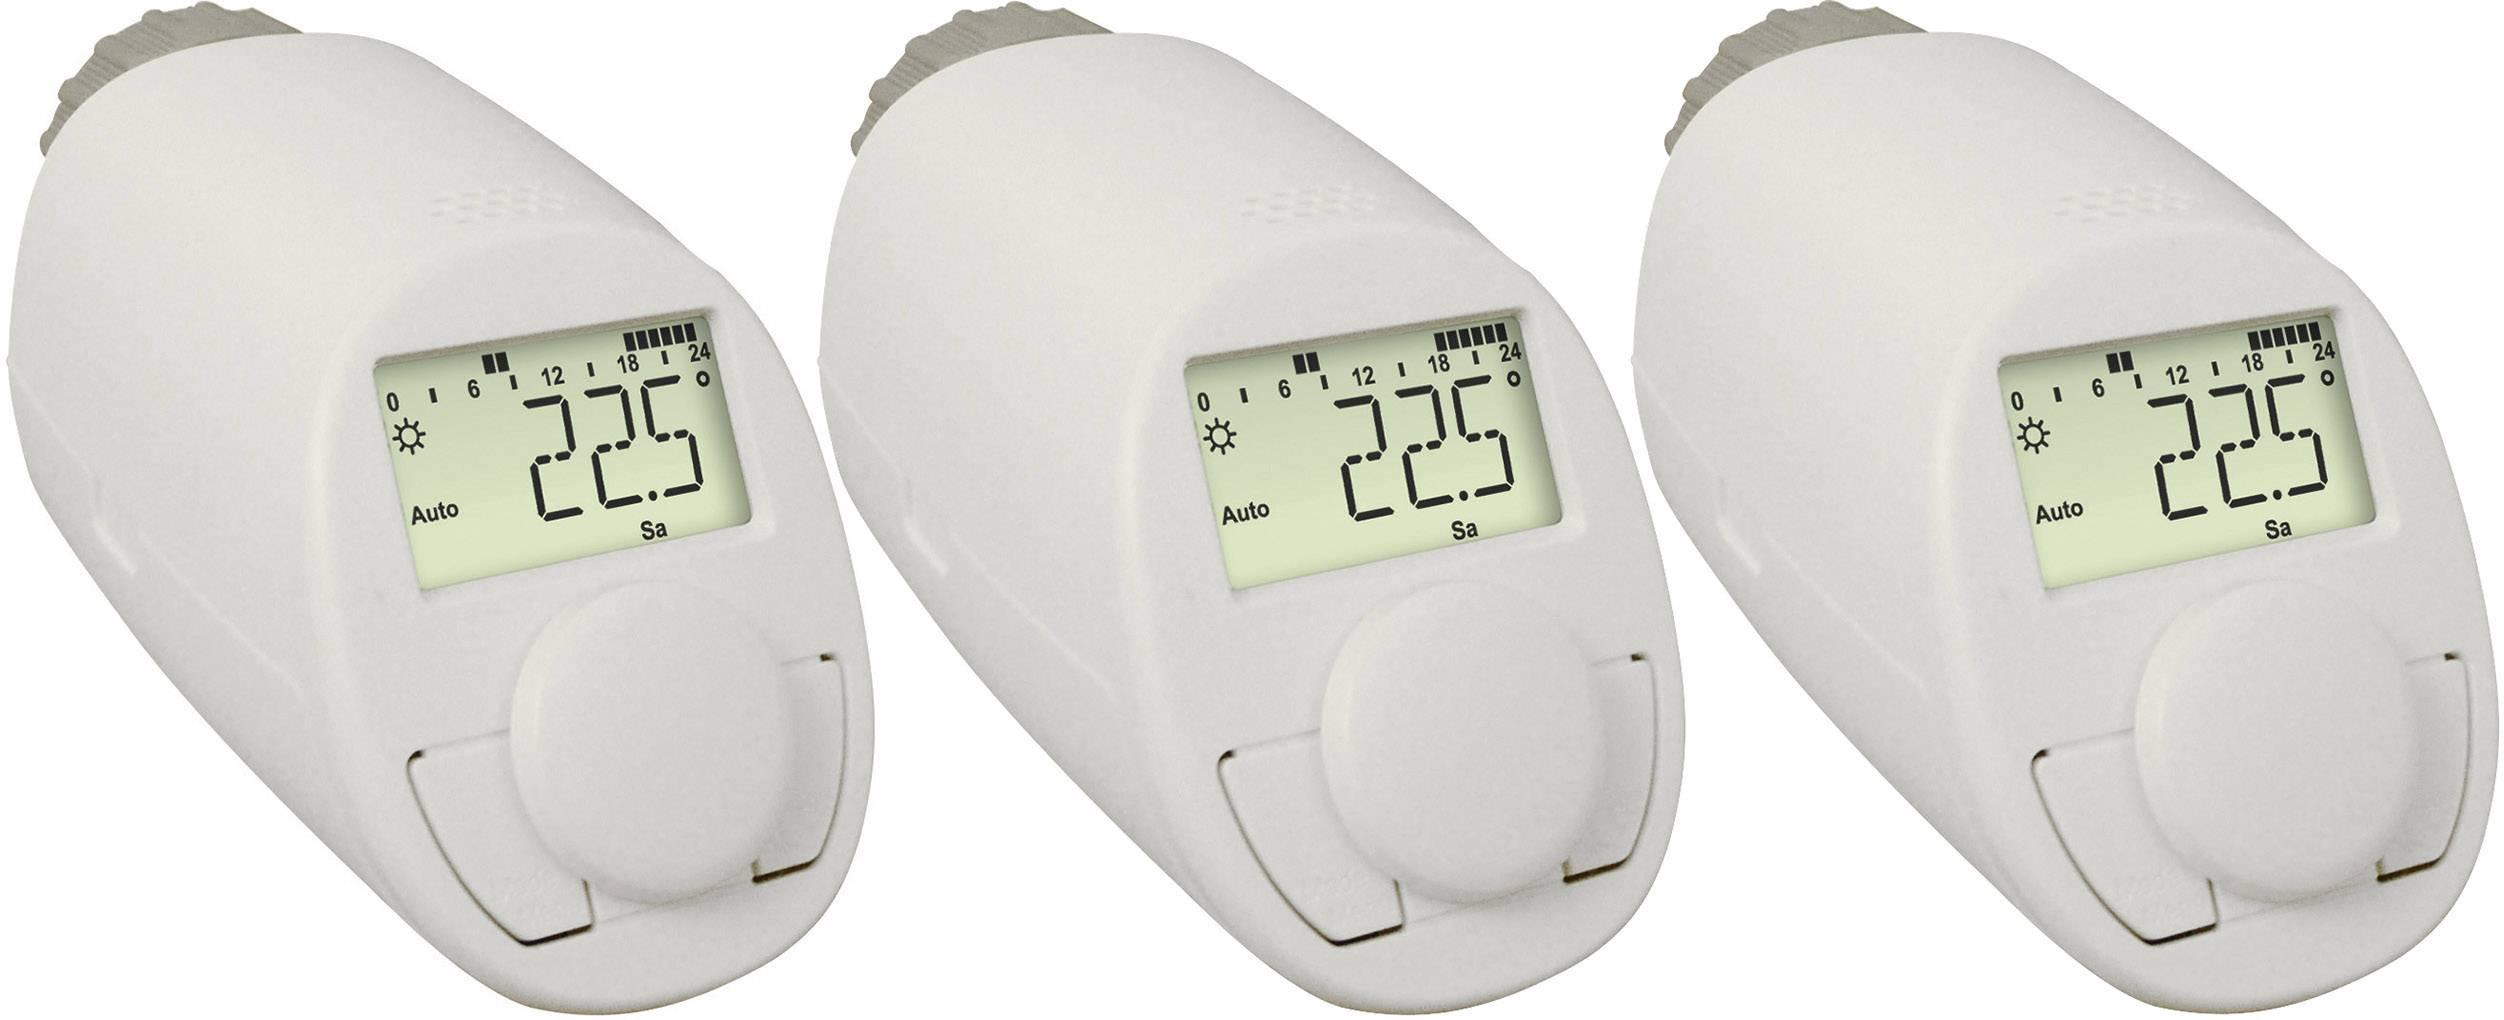 Programovatelná termostatická hlavice eQ-3 N, 5 až 29,5 °C, sada 3 ks